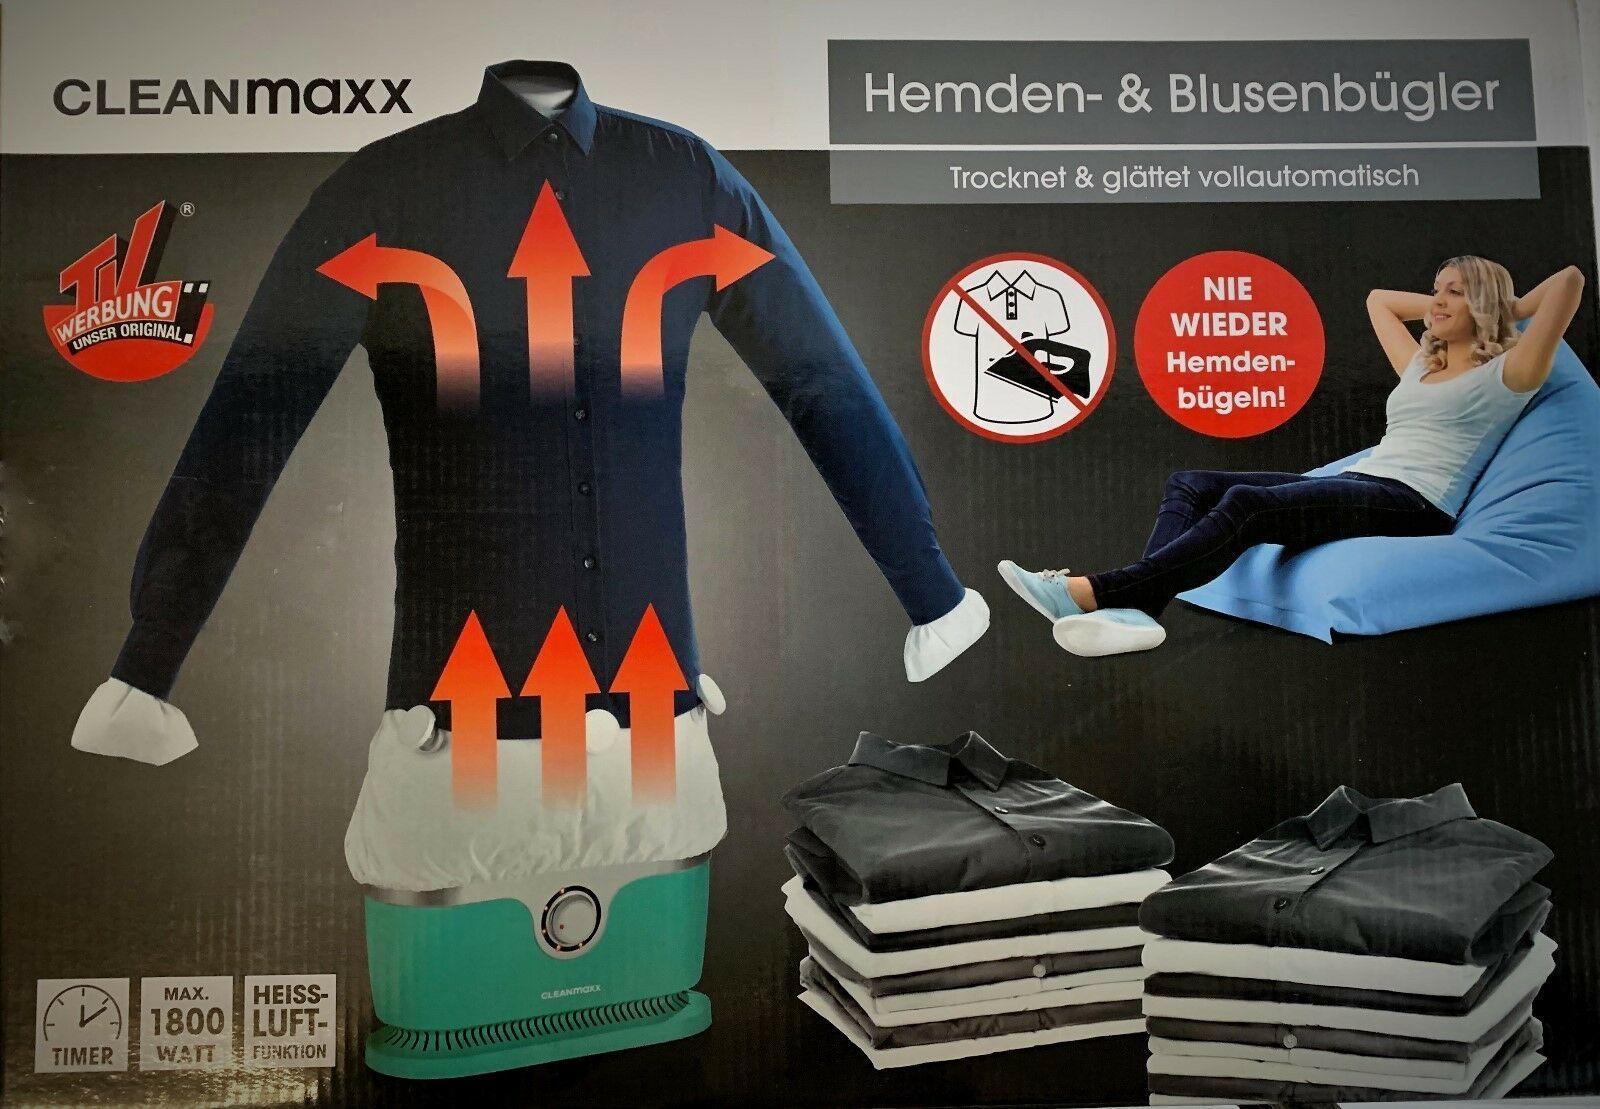 Netto: CLEANmaxx Bügler für Hemden und Blusen im Test